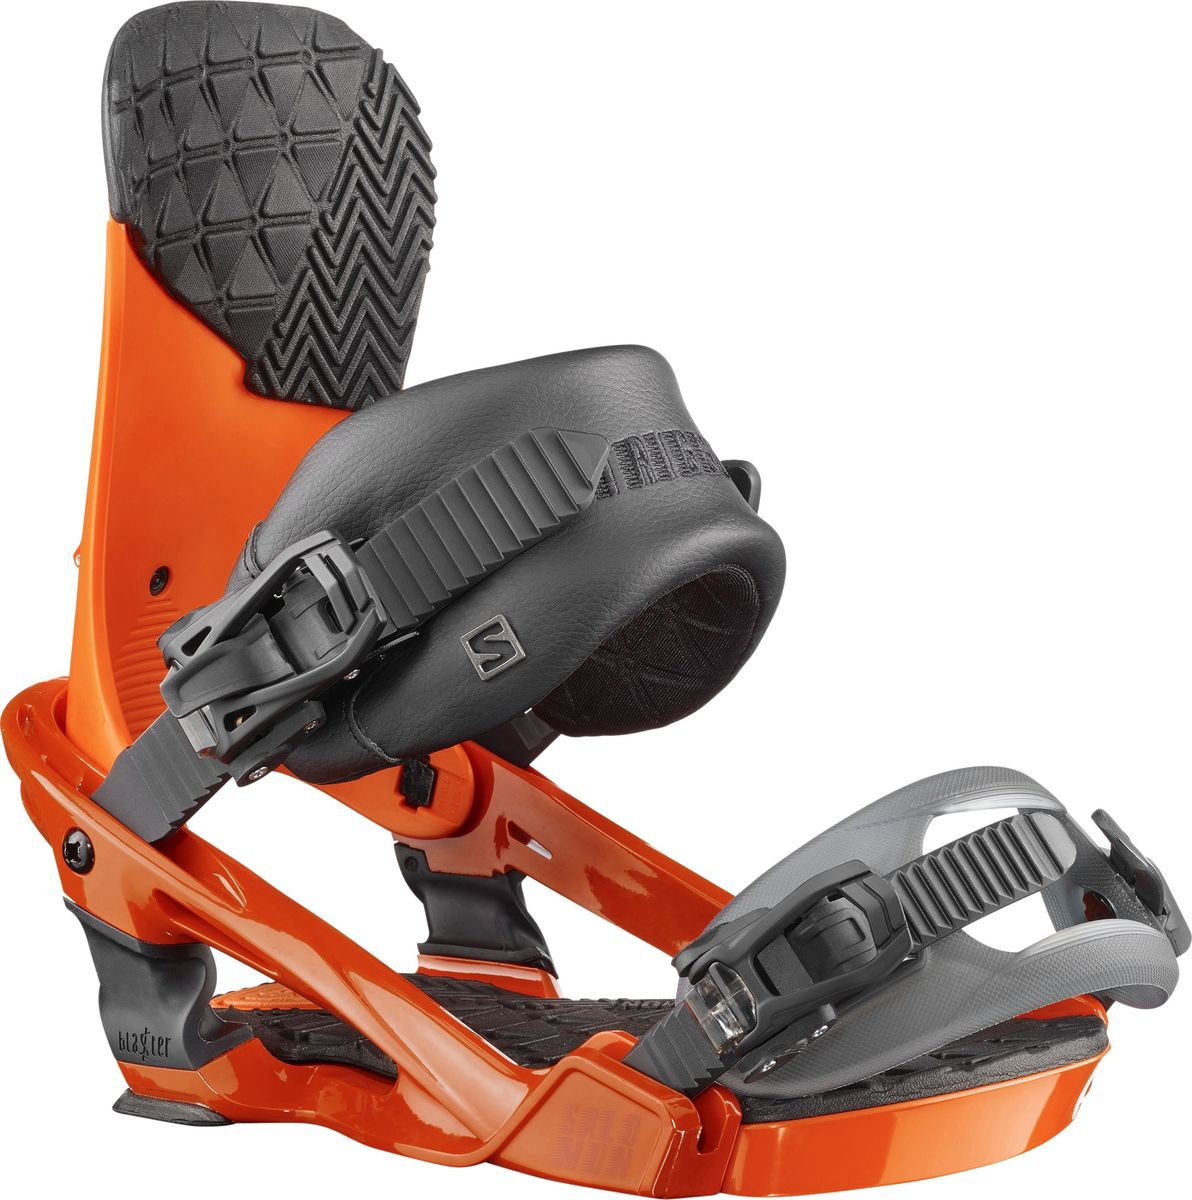 Крепление для сноуборда Salomon Trigger, цвет: оранжевый. Размер LL39836300Абсолютно новые крепления для сноуборда Salomon Trigger средней жесткости, разработанные специально для Криса Гренье, отлично подойдут для фристайла и катания в пайпе. Технология Blaster Tech — интуитивное соединение Freestyle Jib, выполняющее роль динамической подвески, поглощает удары, выравнивает катание и обеспечивает лучшую боковую подвижность. Крепления имеют чемпионскую анатомию и самые необходимые характеристики: новую базу Blaster, стрепы 3D Prime и Lock-In Deluxe Toe, и минималистичный хайбек.Как выбрать сноуборд. Статья OZON Гид